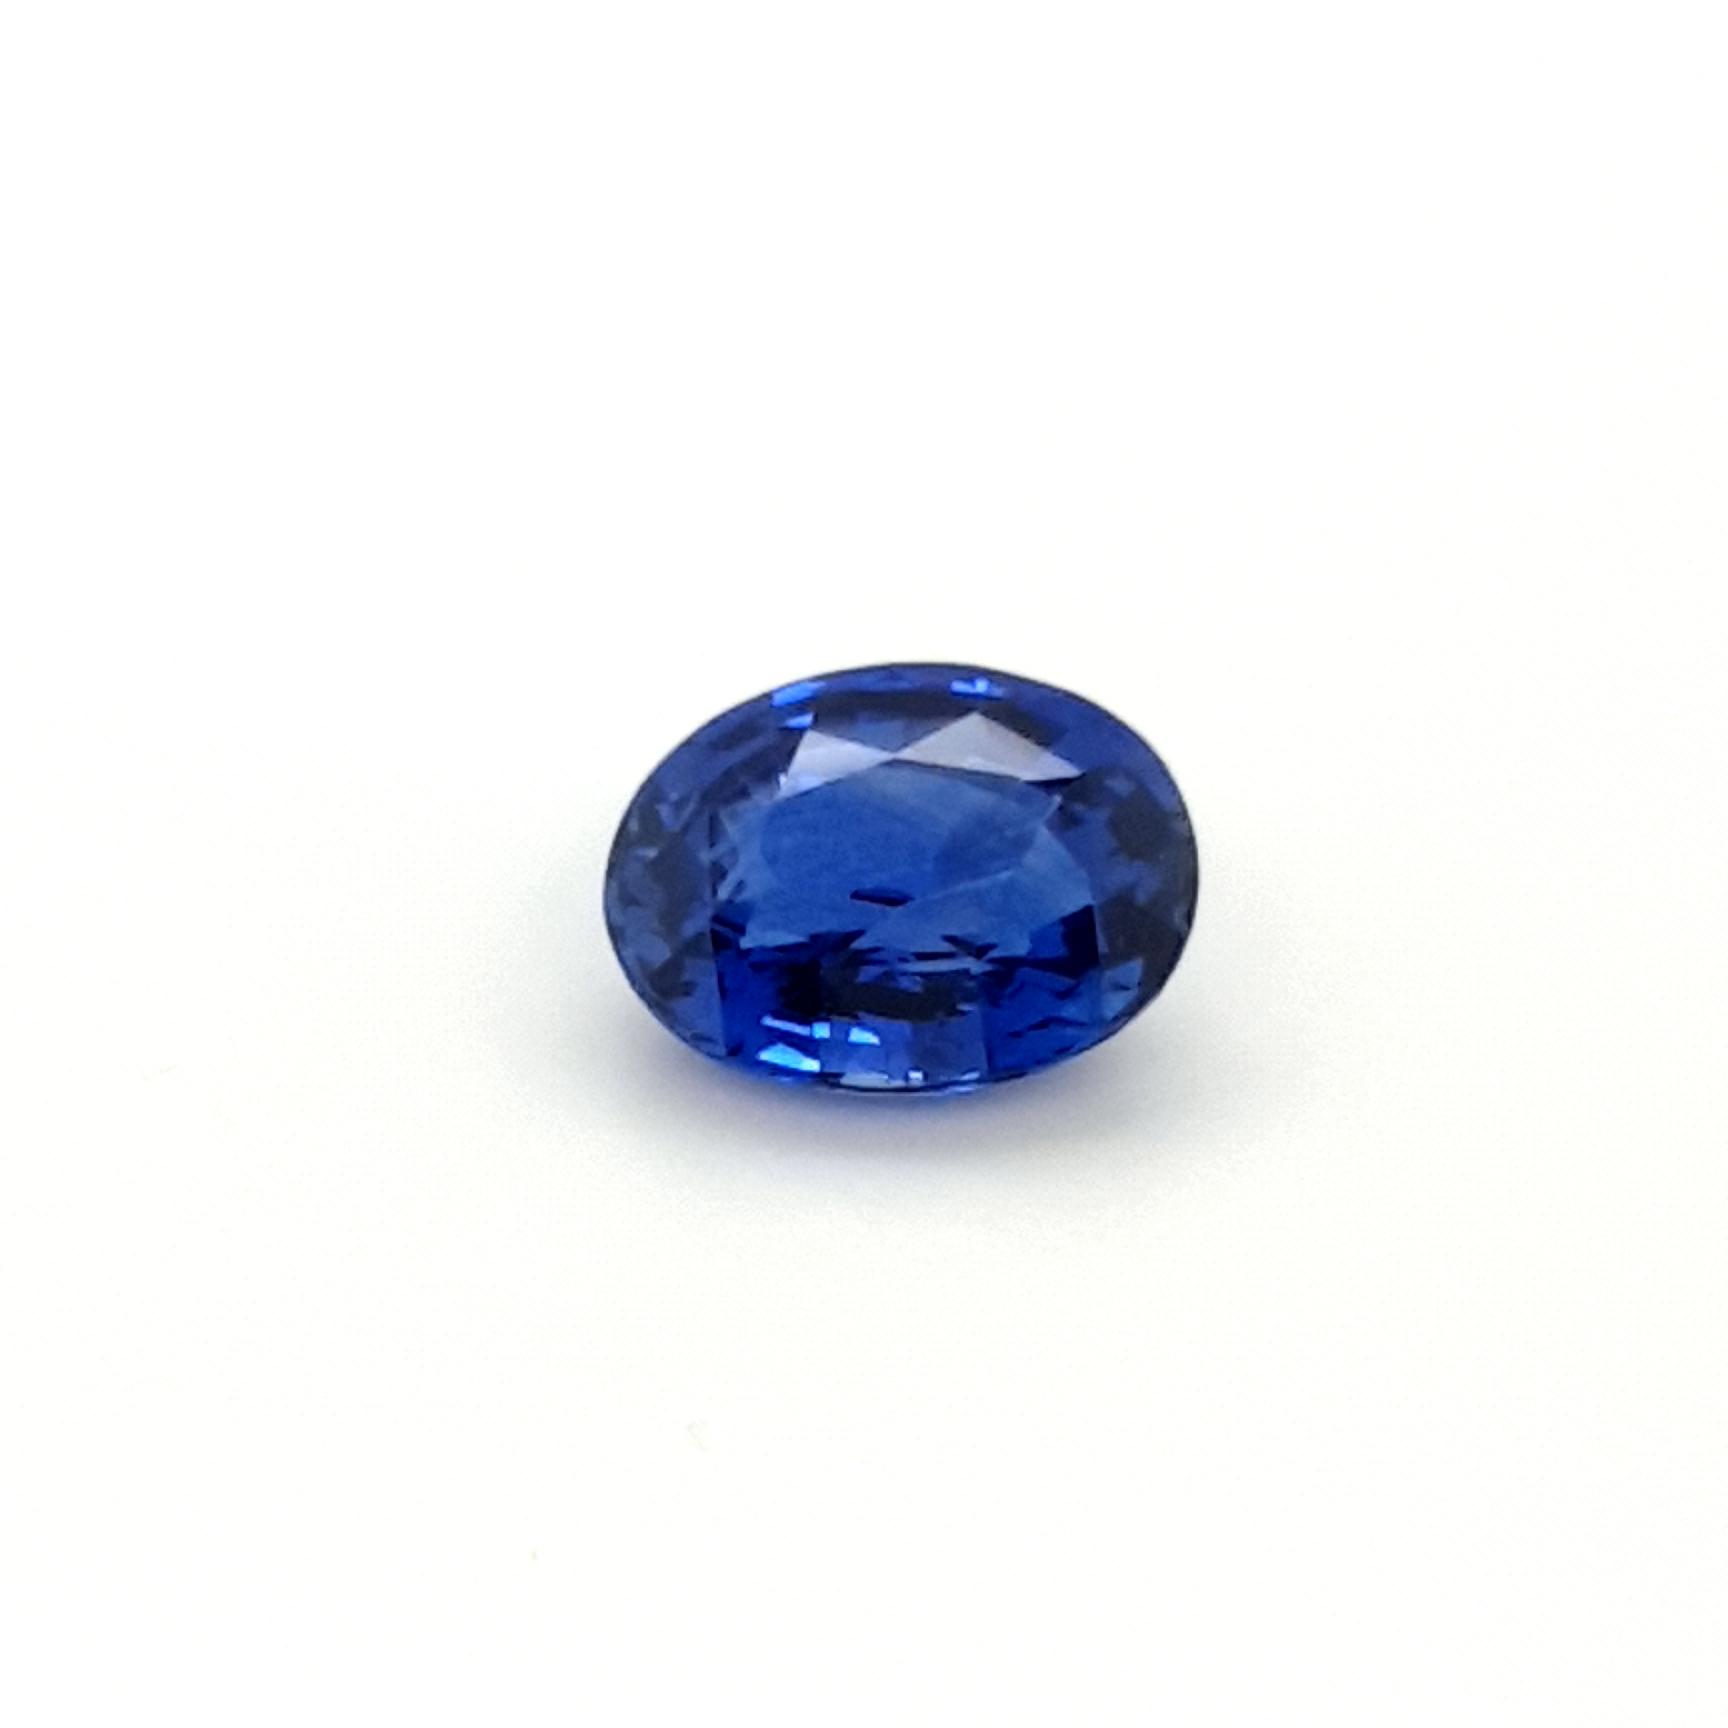 3,67ct. Sapphire Ceylon SAF15D2 ClaudiaHamann__2021-06-02-19-32-27